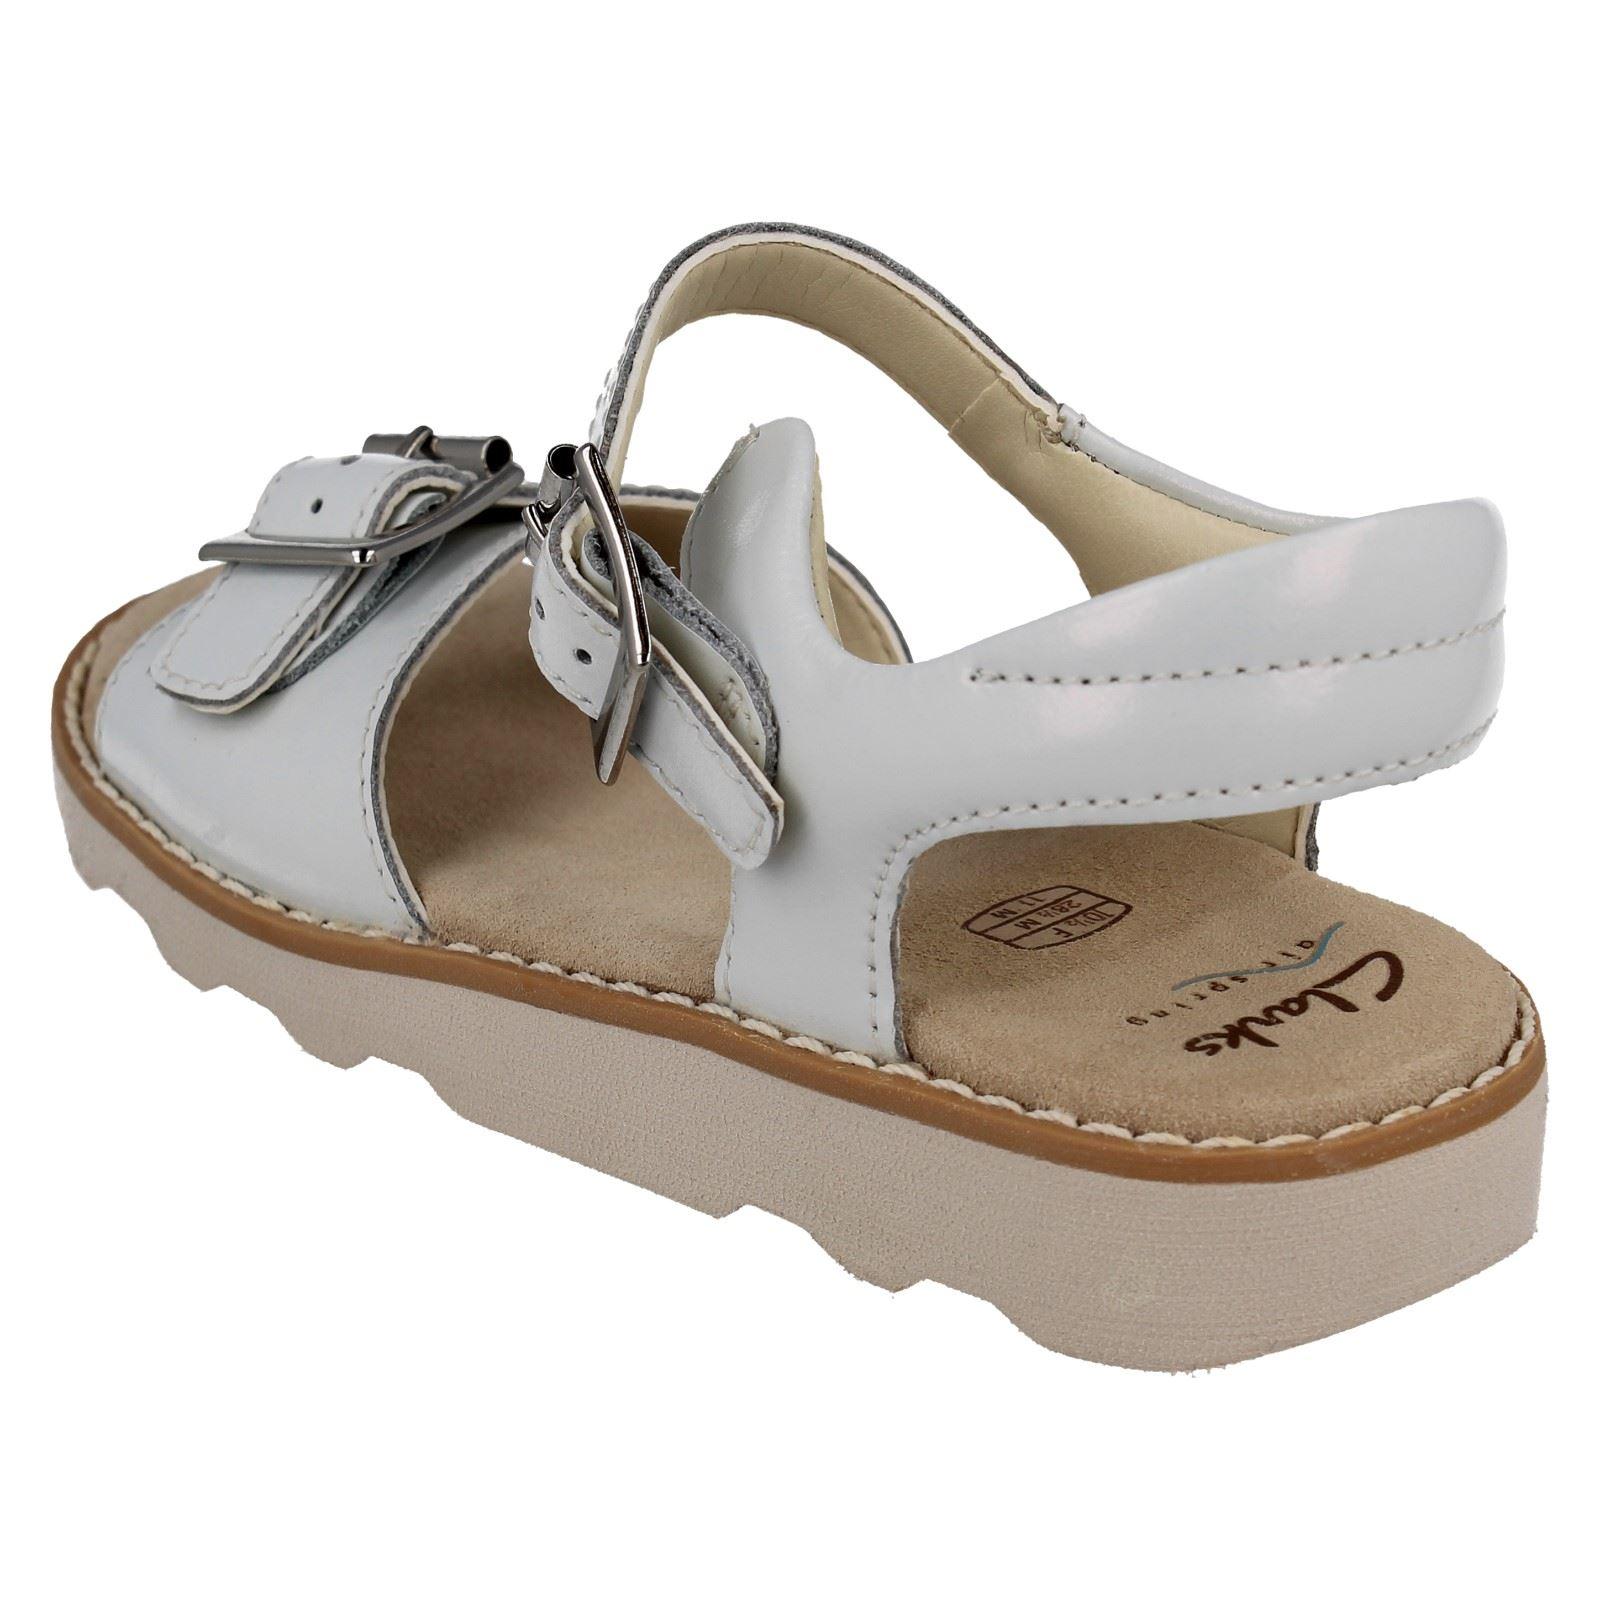 Girls Clarks Stylish Summer Sandals Crown Bloom K